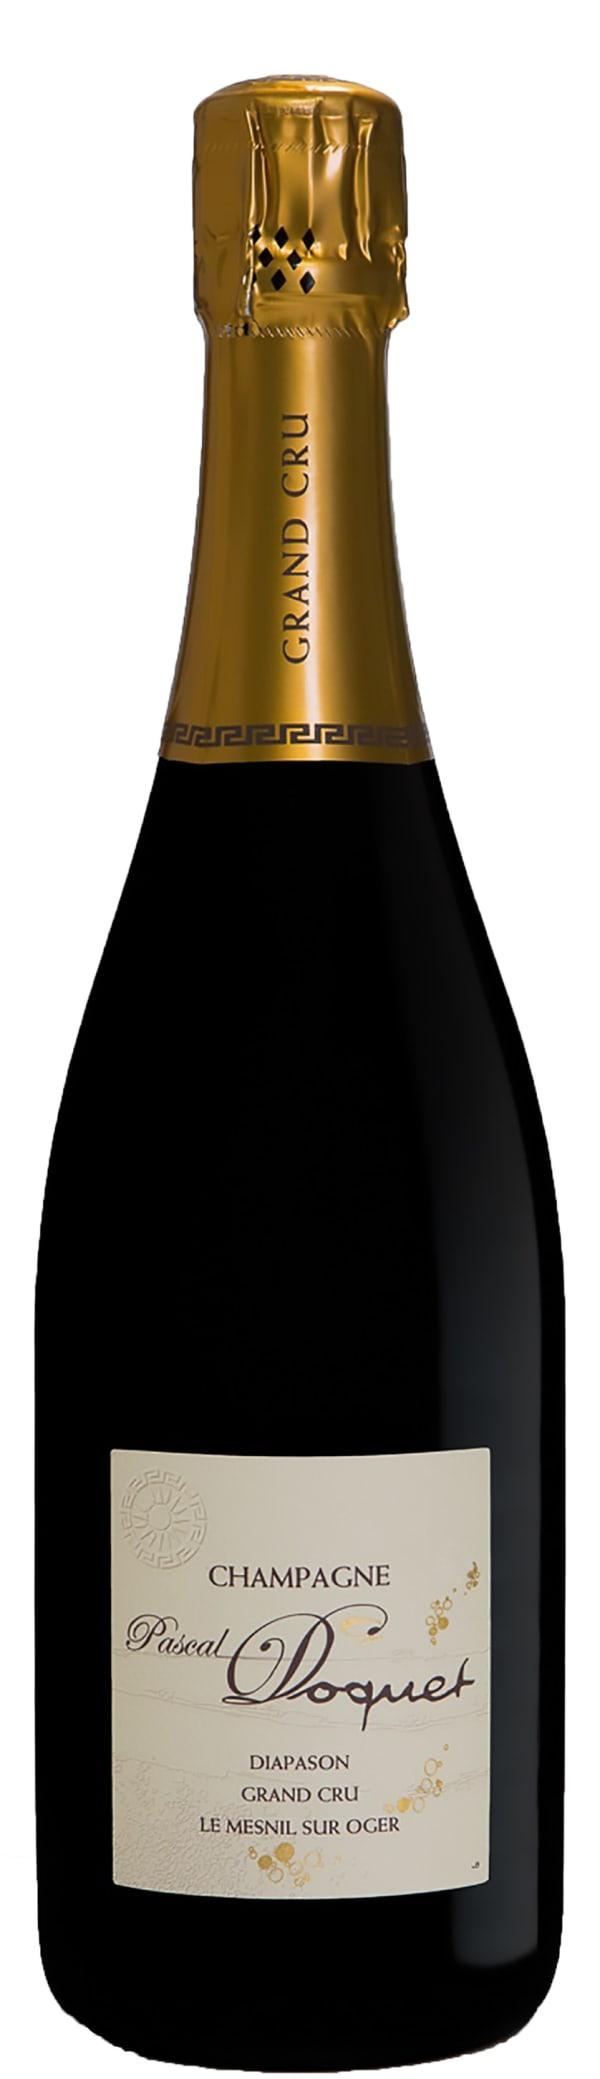 Pascal Doquet Diapason Grand Cru Le Mesnil Sur Oger Champagne Brut